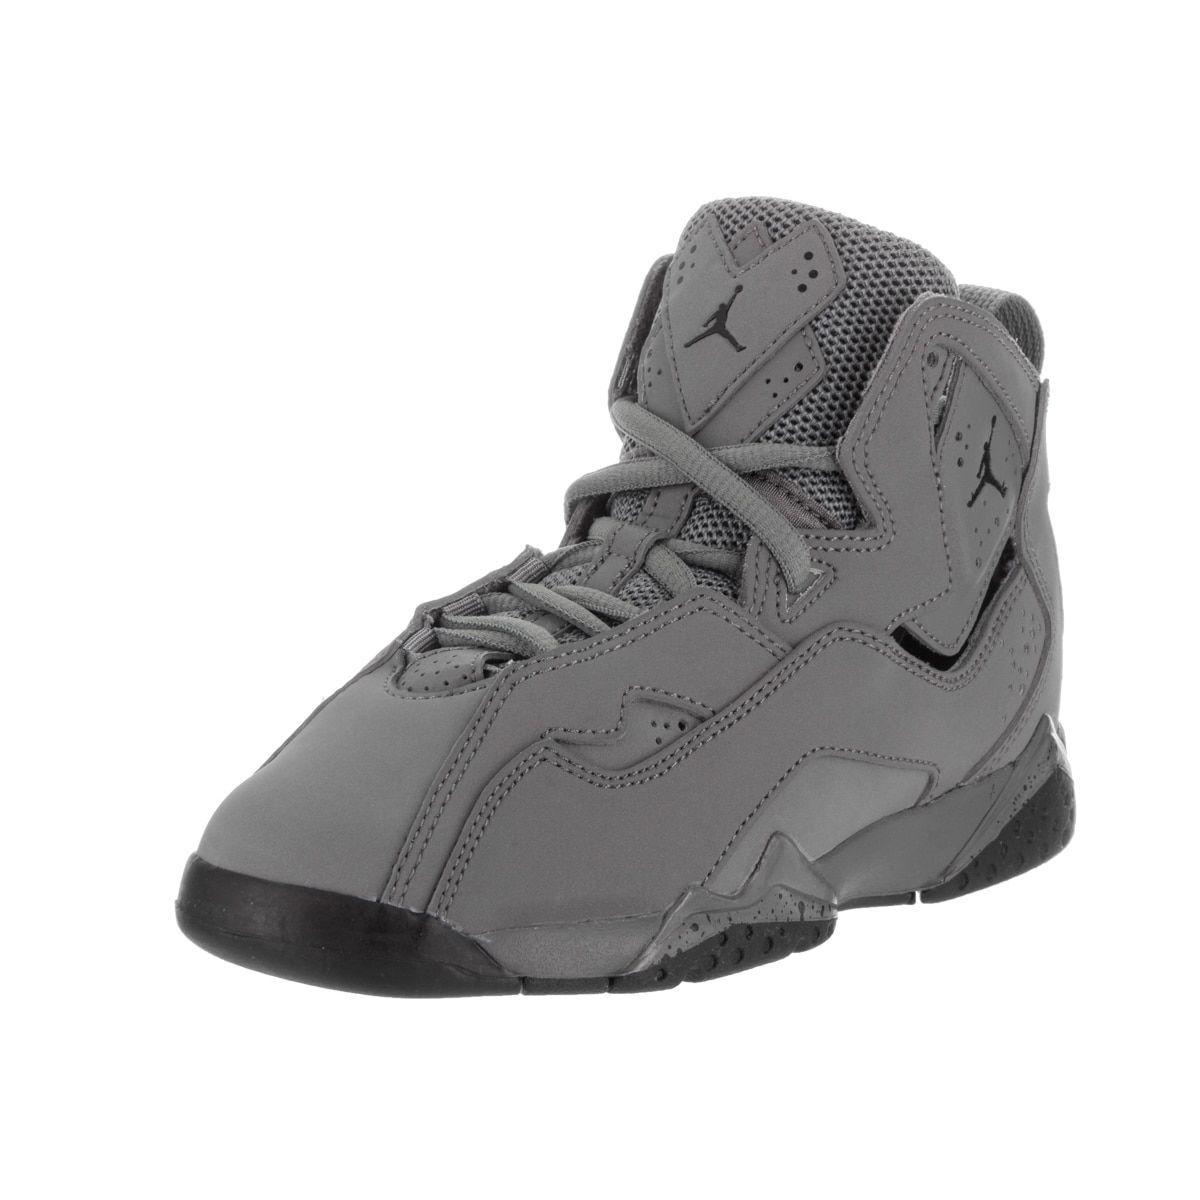 b20c54acc1e ... Nike Jordan Kid's Jordan True Flight Bp Basketball Shoes ...